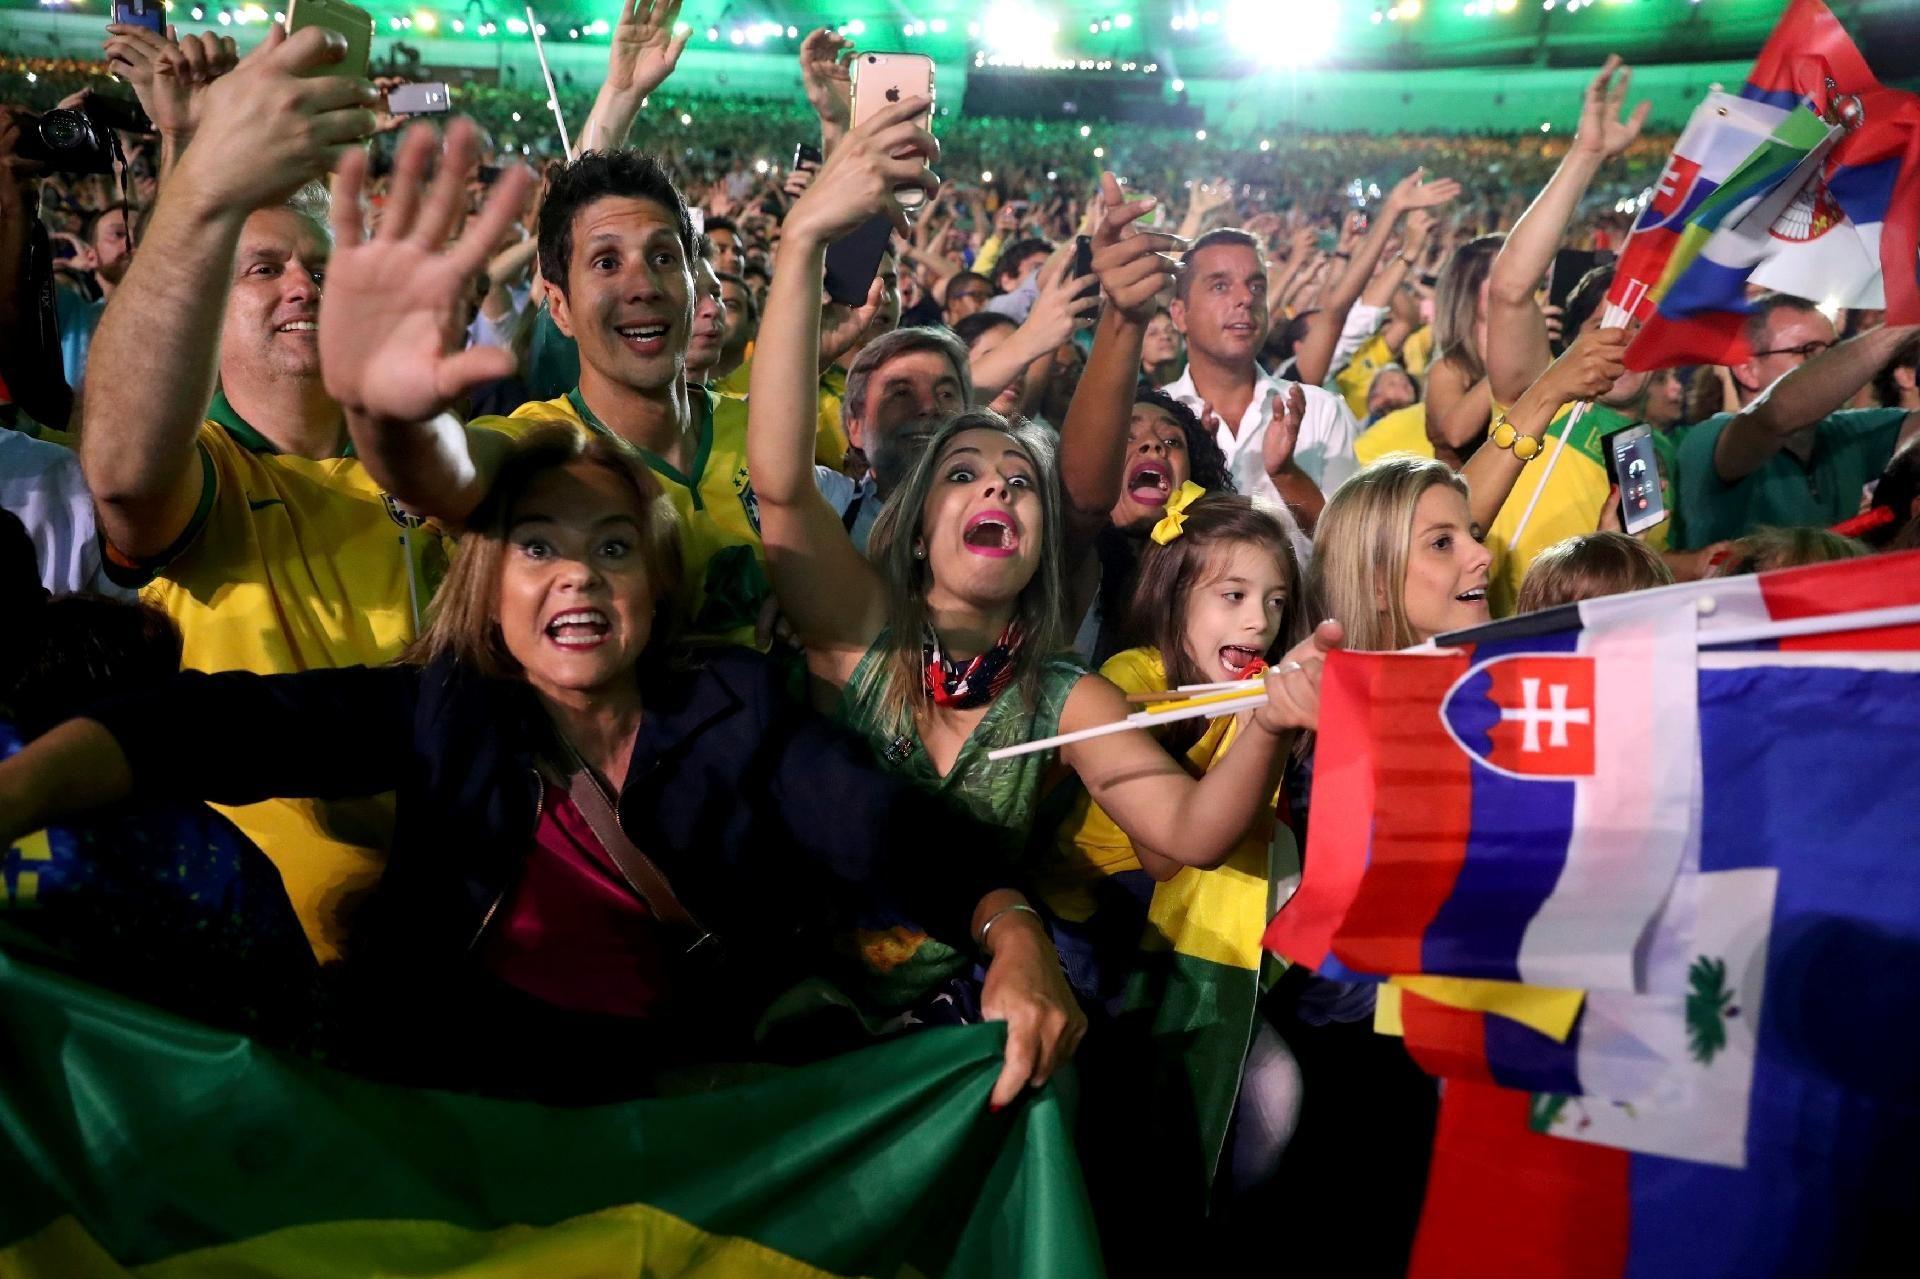 Cerimônia de abertura da Olimpíada - 5 8 2016 Brasileiros e eslovacos  acompanham a cerimônia de abertura da Olimpíada do Rio de Janeiroimagem   DAMIR SAGOLJ  ... 7b1d6abfe782e